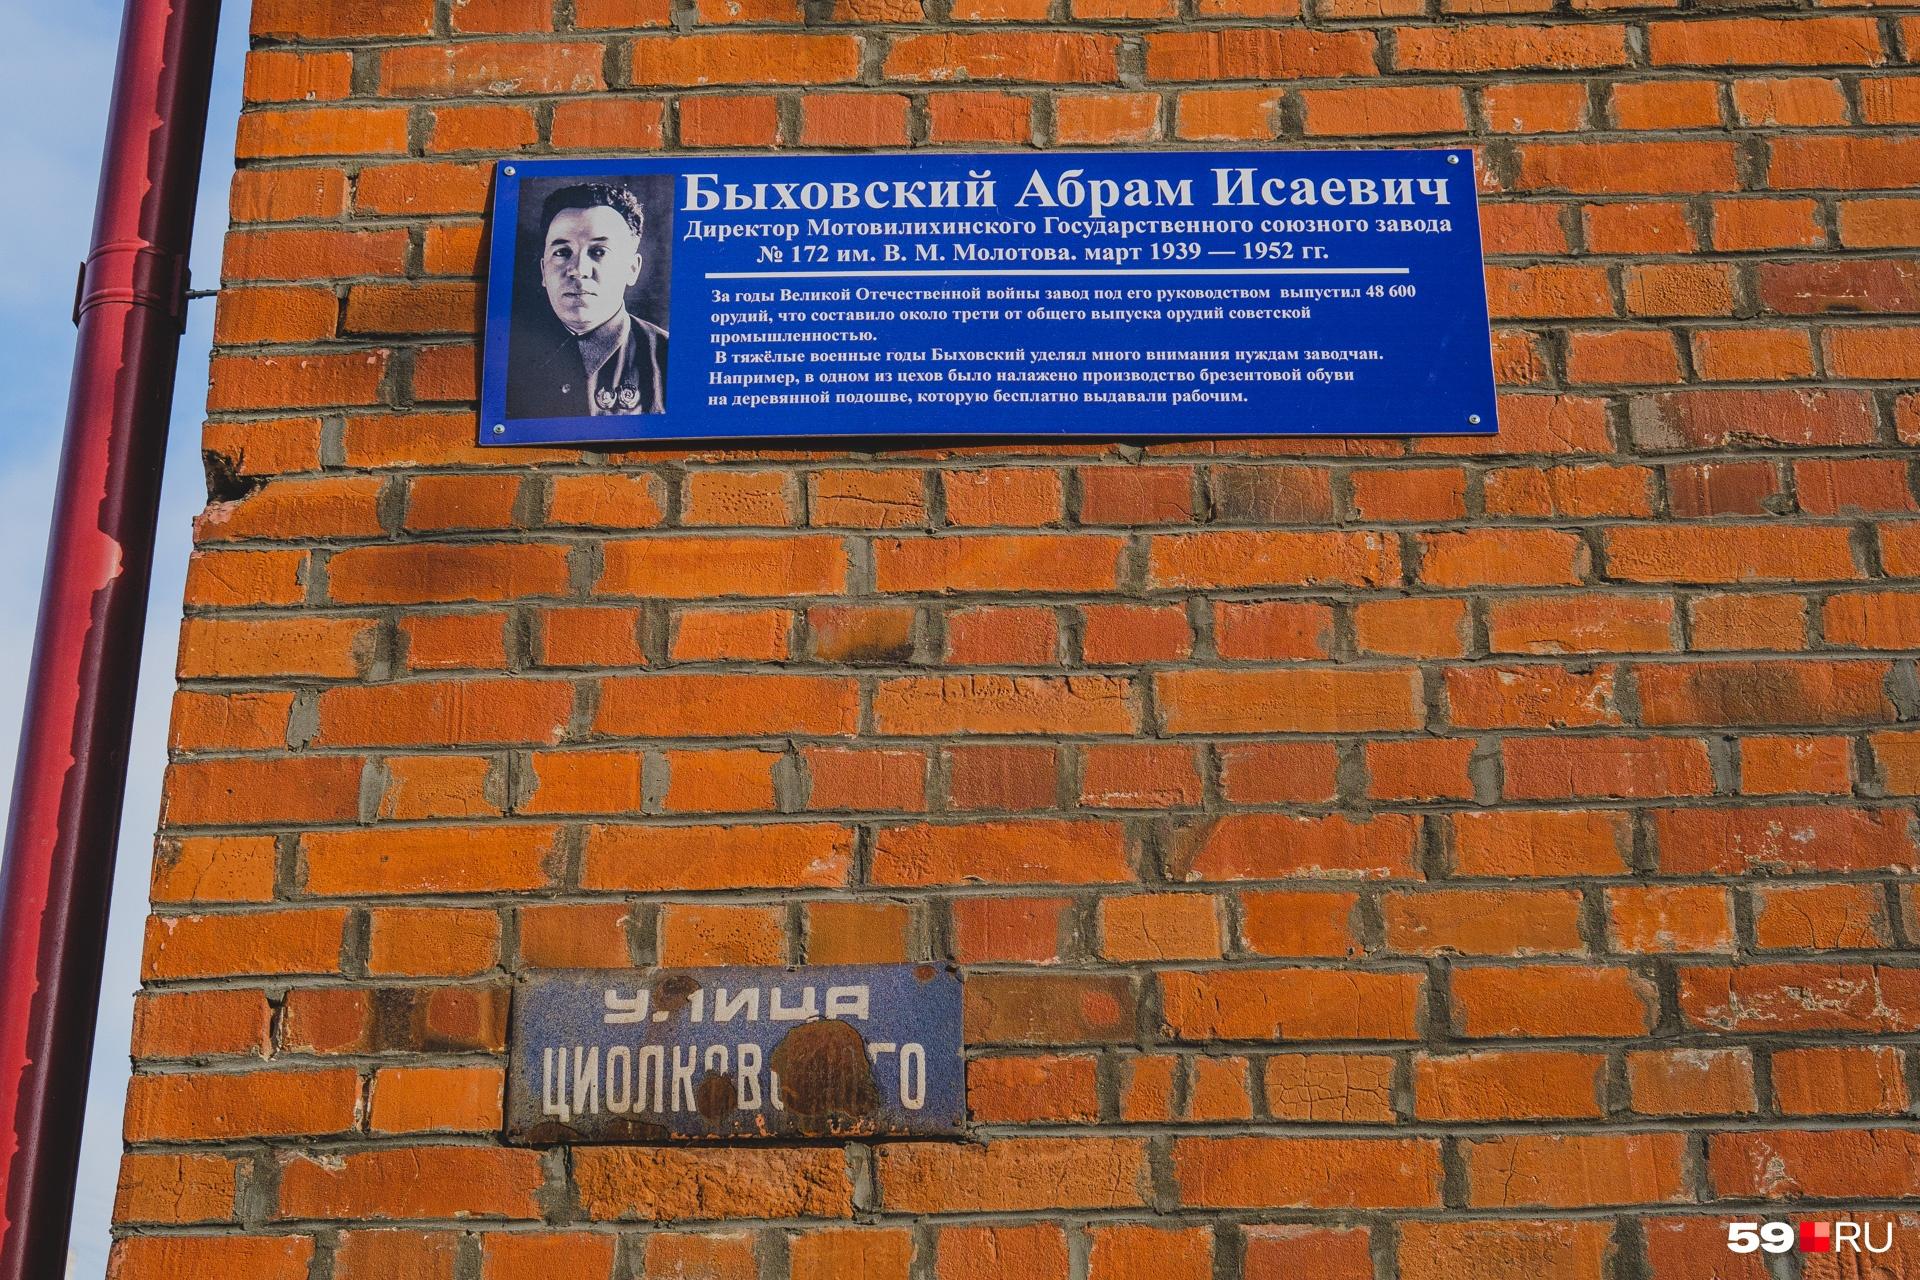 Быховский возглавлял завод в годы войны